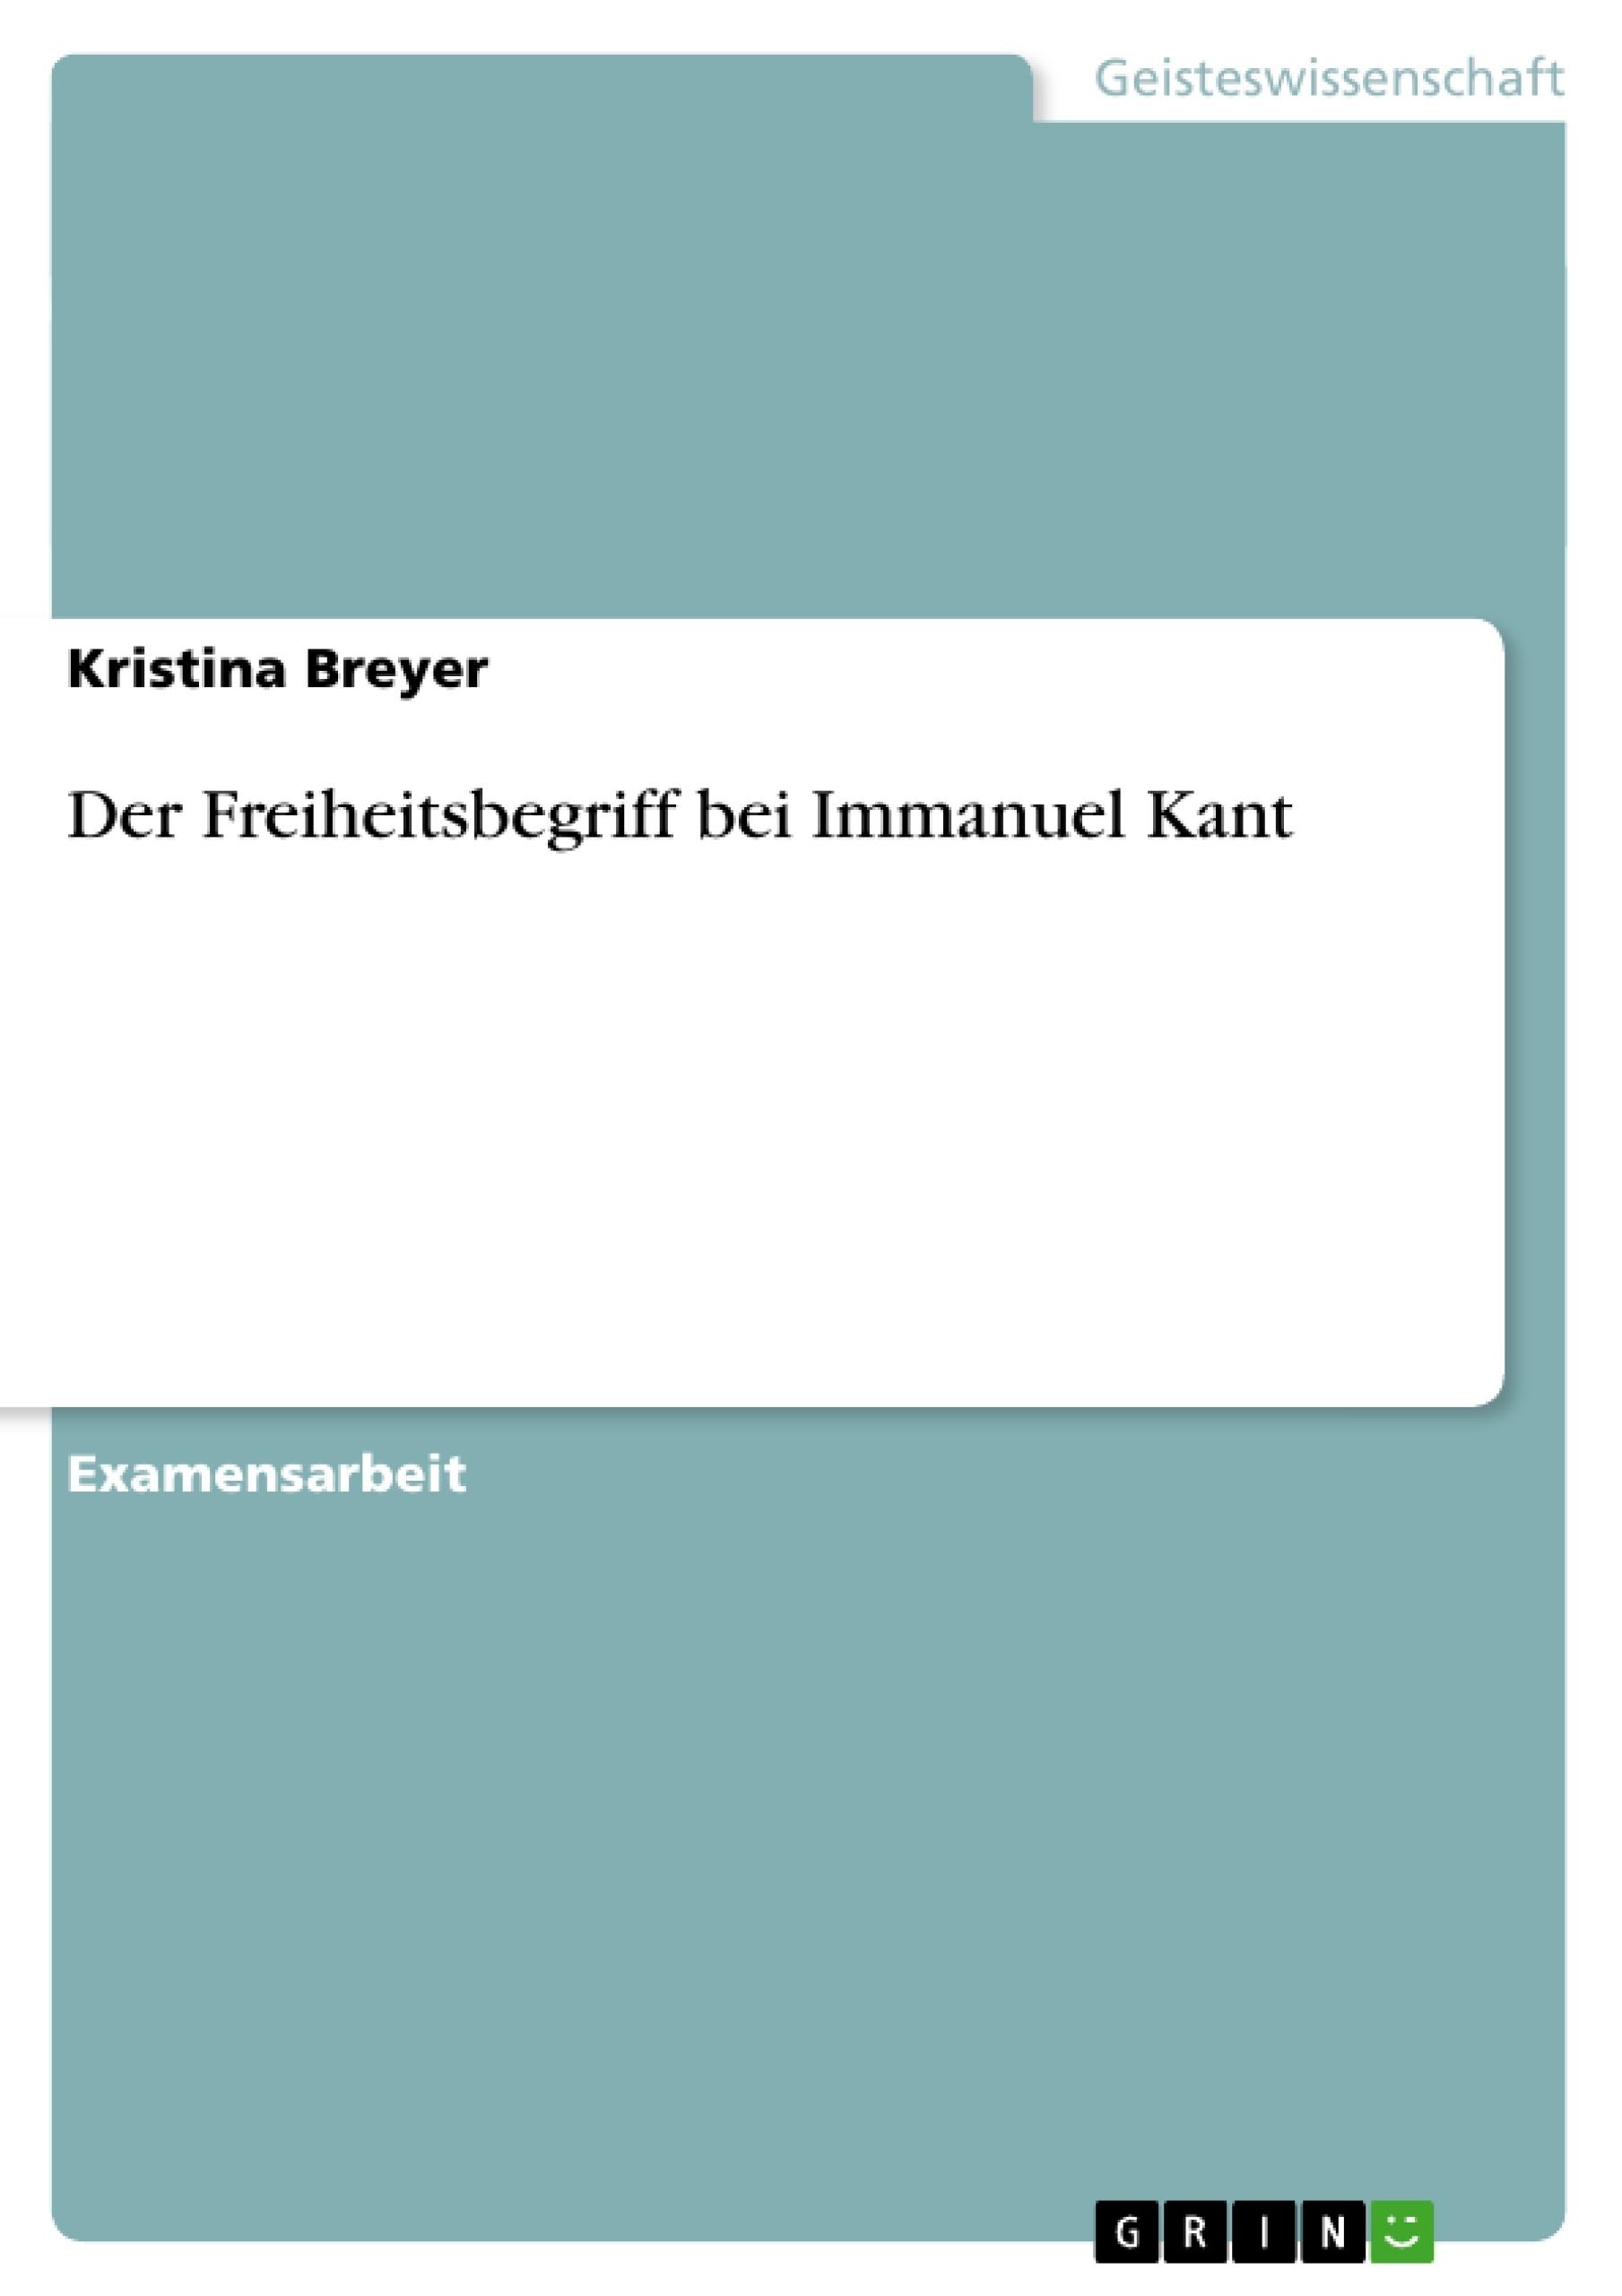 Titel: Der Freiheitsbegriff bei Immanuel Kant